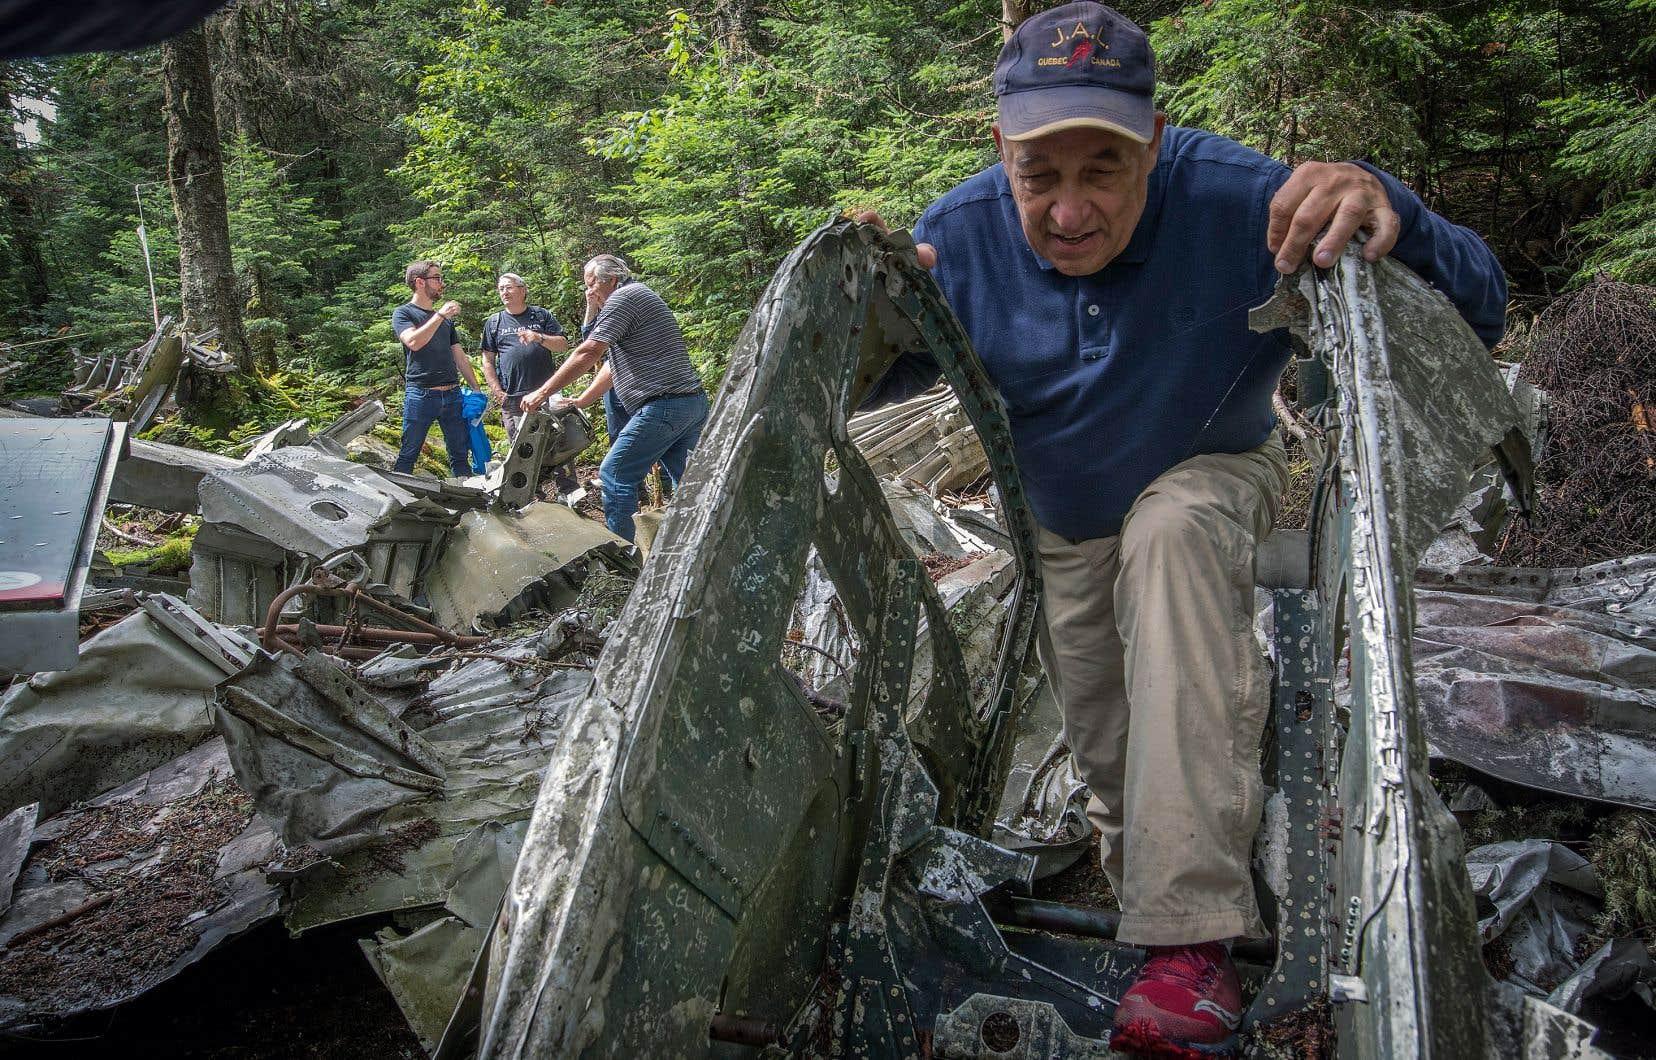 Jacques Deguire fait partie des Gardiens du Liberator, un groupe fondé il y a plus de vingt ans pour entretenir le site de l'écrasement du bombardier de l'armée canadienne sur la montagne Noire en 1943.